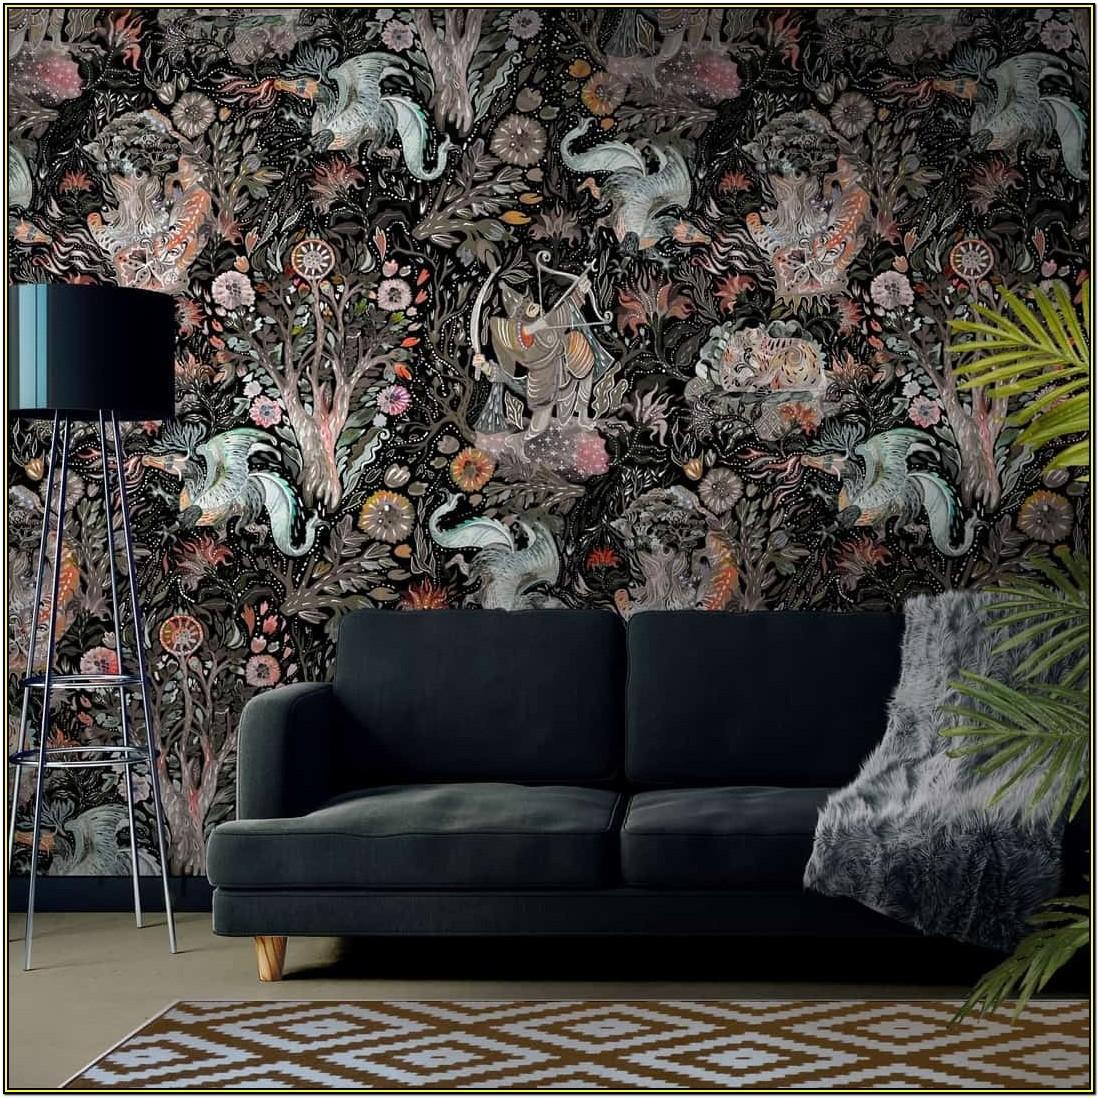 Best Wallpaper For Living Room 2020